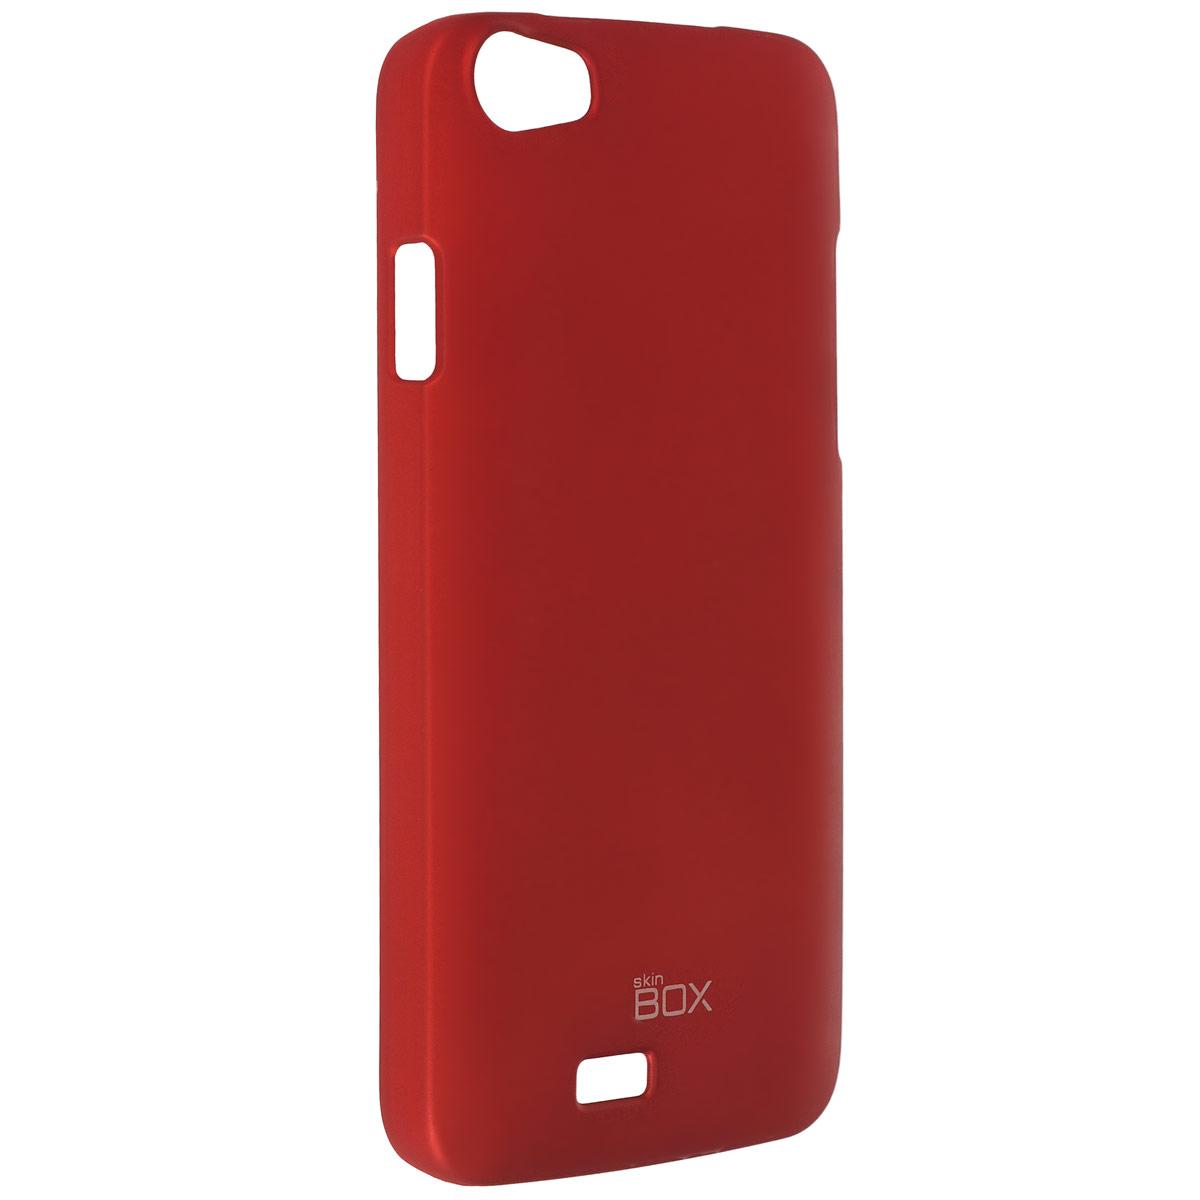 Skinbox Shield 4People чехол для Explay Rio, RedT-S-ER-002Чехол Skinbox Shield 4People для Explay Rio предназначен для защиты корпуса смартфона от механических повреждений и царапин в процессе эксплуатации. Имеется свободный доступ ко всем разъемам и кнопкам устройства.